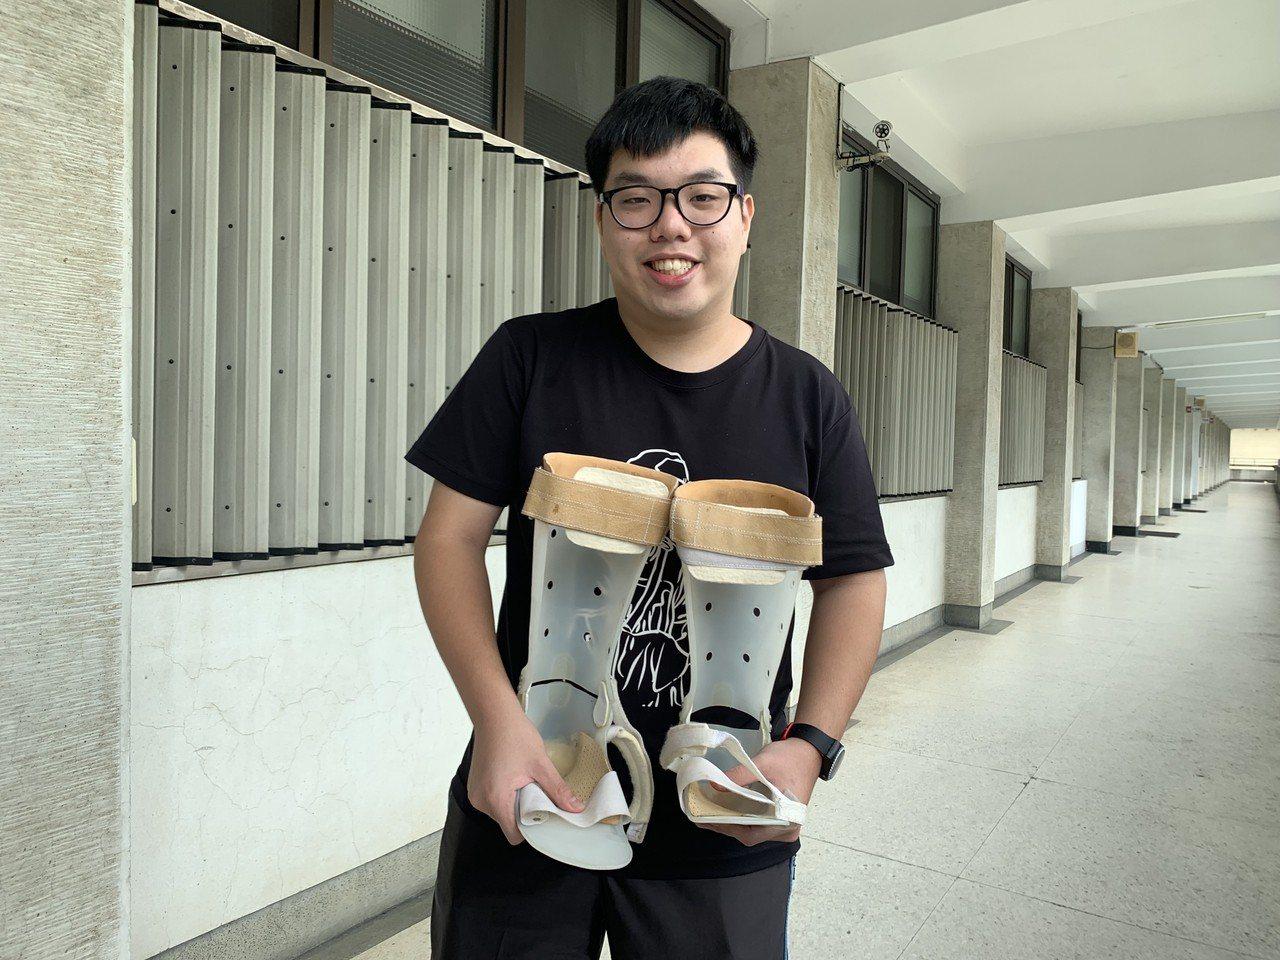 台中一中林大偉天先腦性麻痺,他雙下肢行動不變,上肢不協調,6個月開始接受早期療癒...